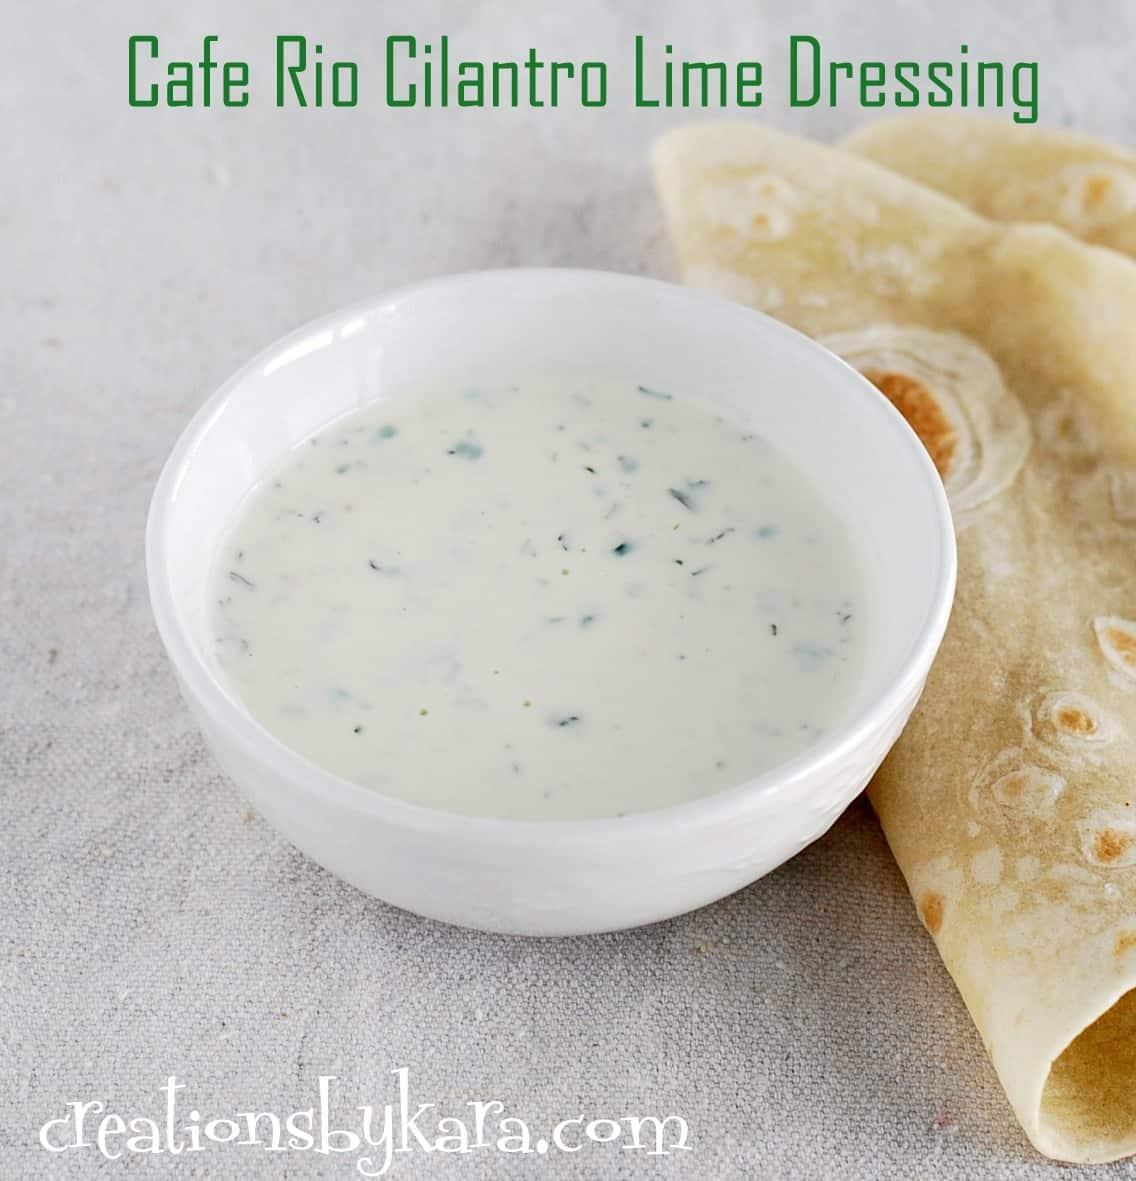 Cafe Rio Beef Enchilada Calories